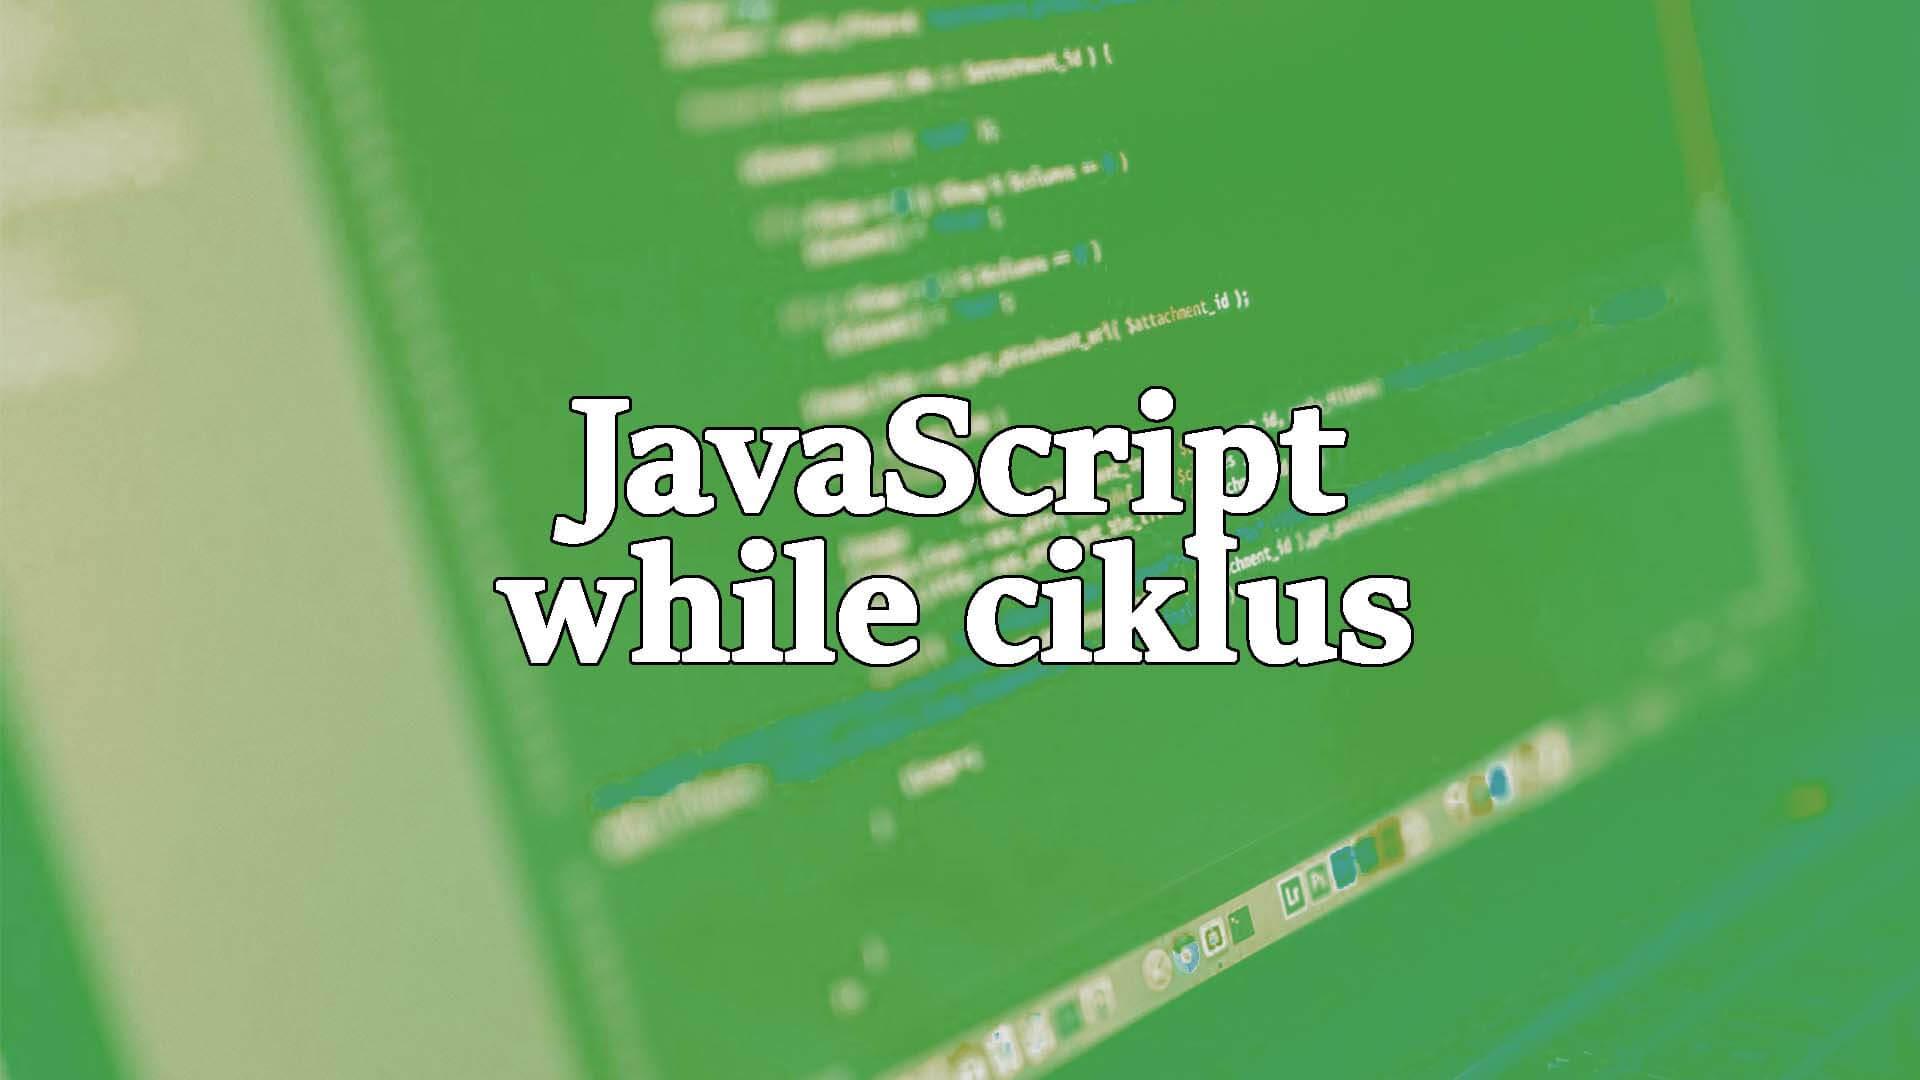 JavaScript while ciklus bemutatása (JS while és do while iteráció szintaktika, példa) című cikk borítóképe